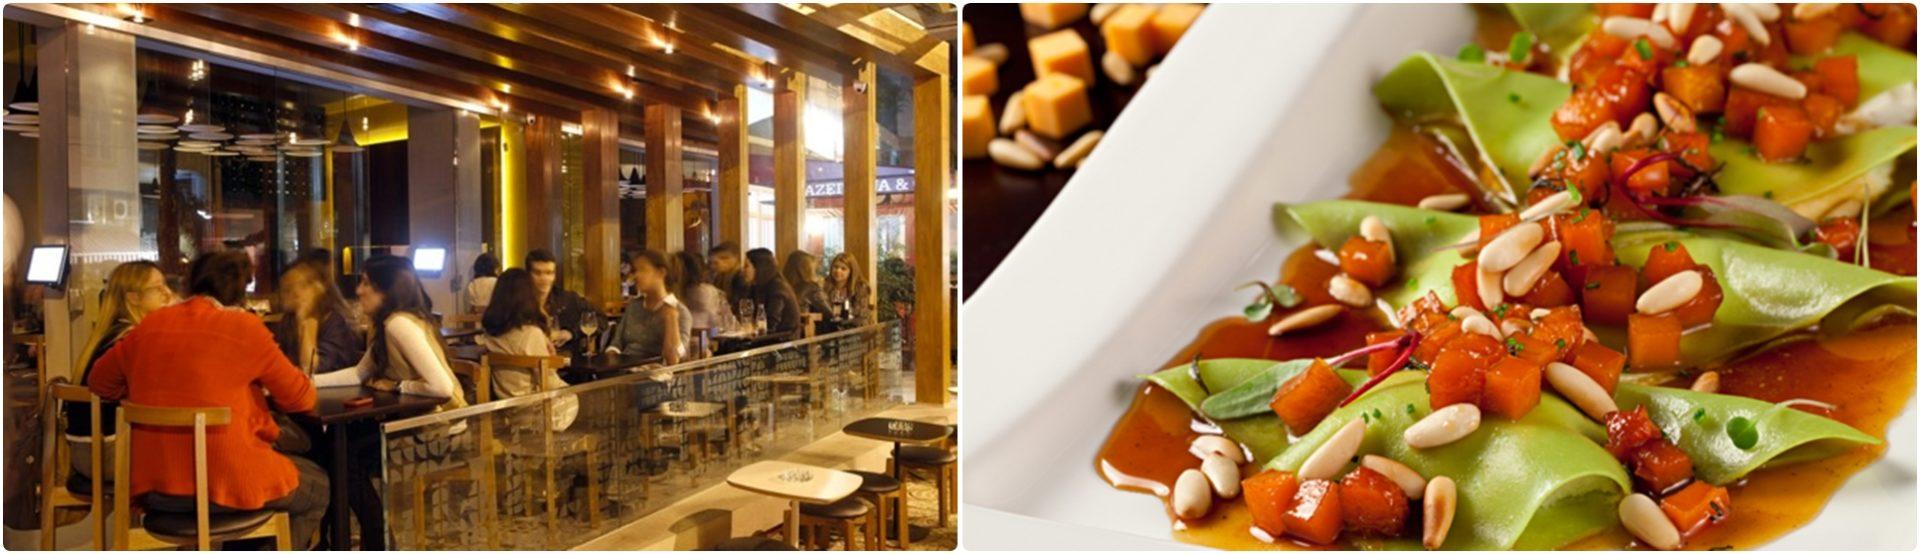 Q Bar - 5 restaurantes sofisticados (e descolados) no Rio de Janeiro